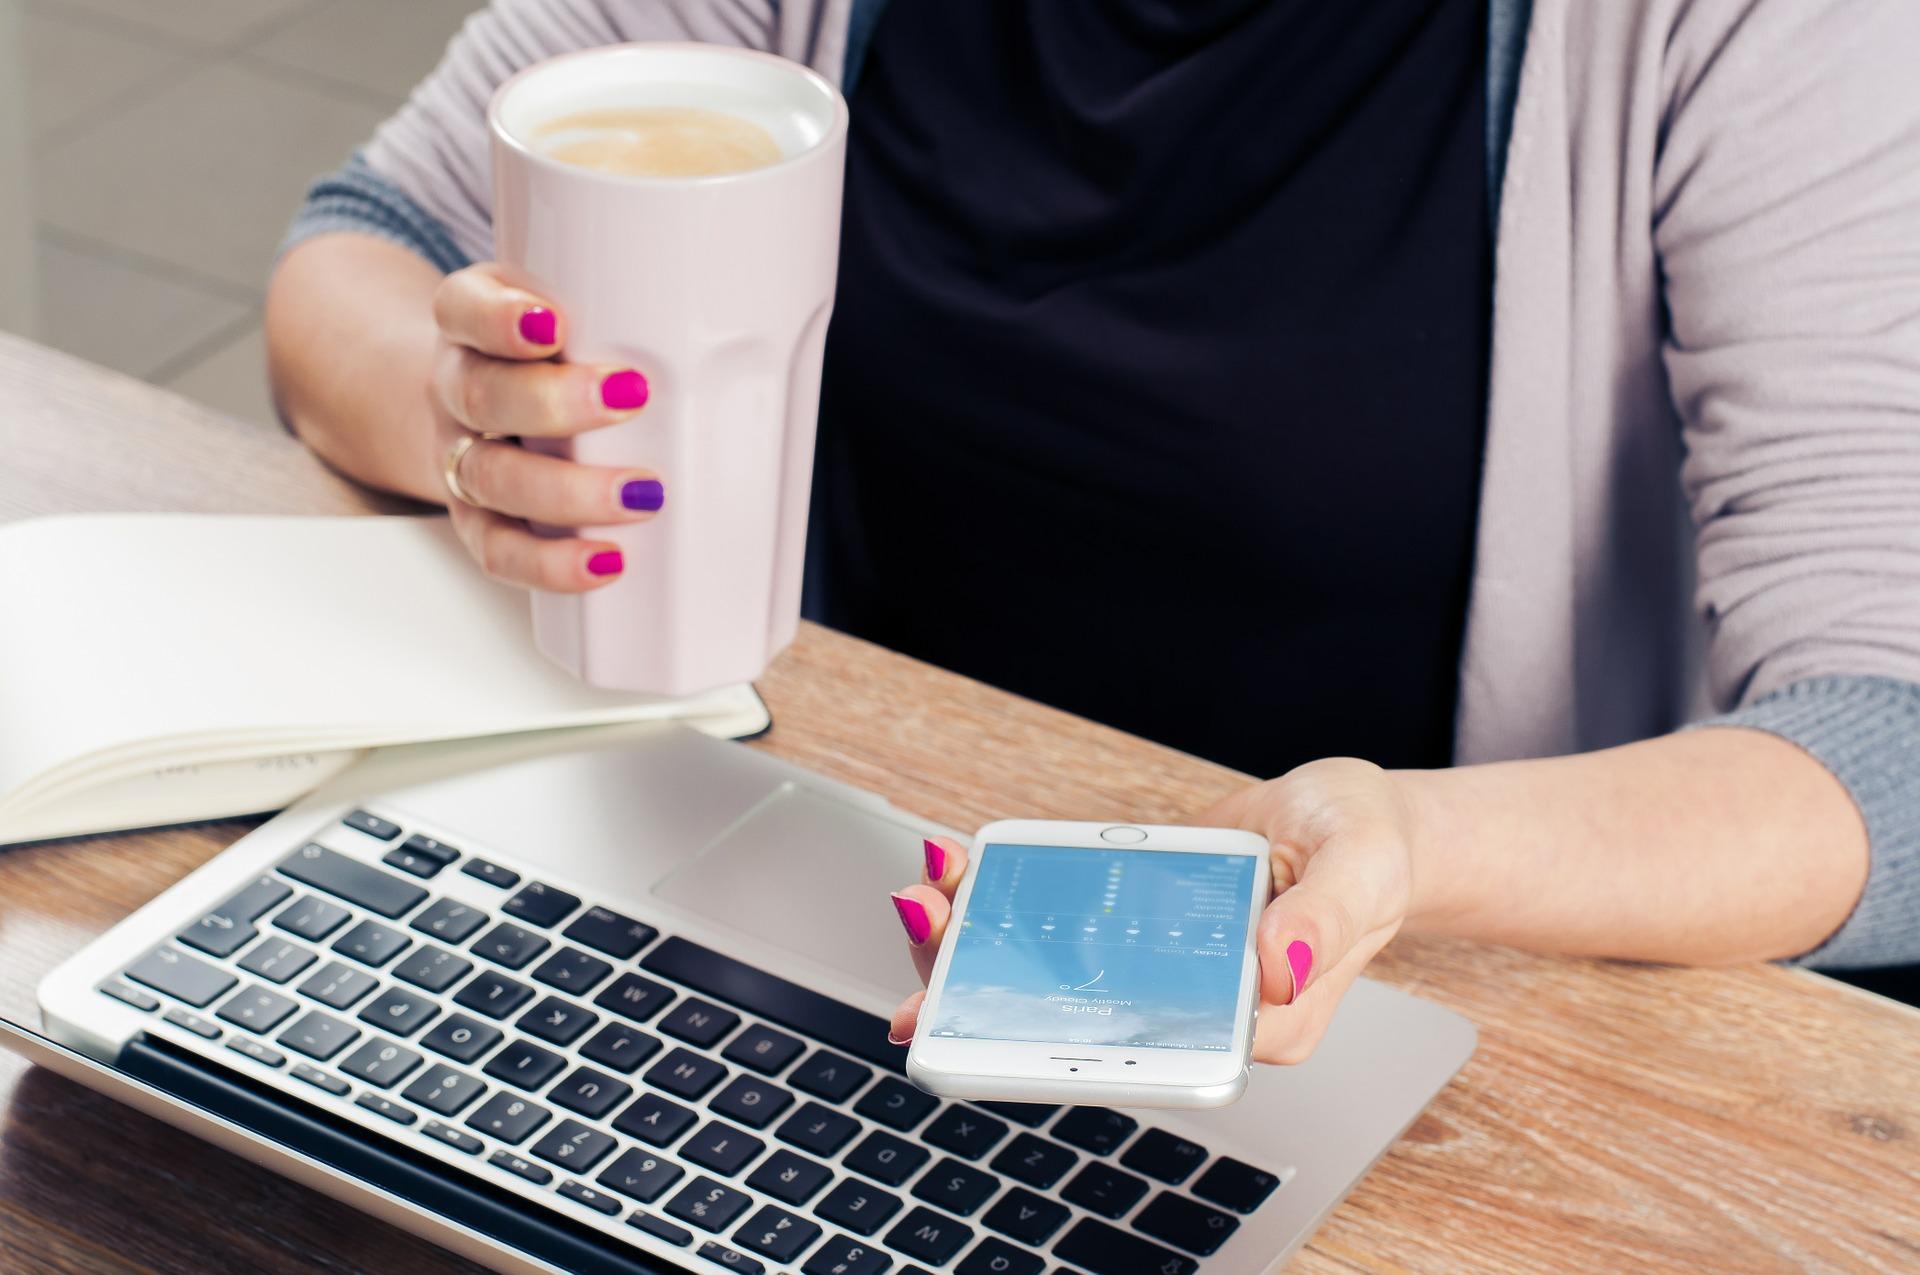 laptop-handy-kaffee-energie-schreibtisch